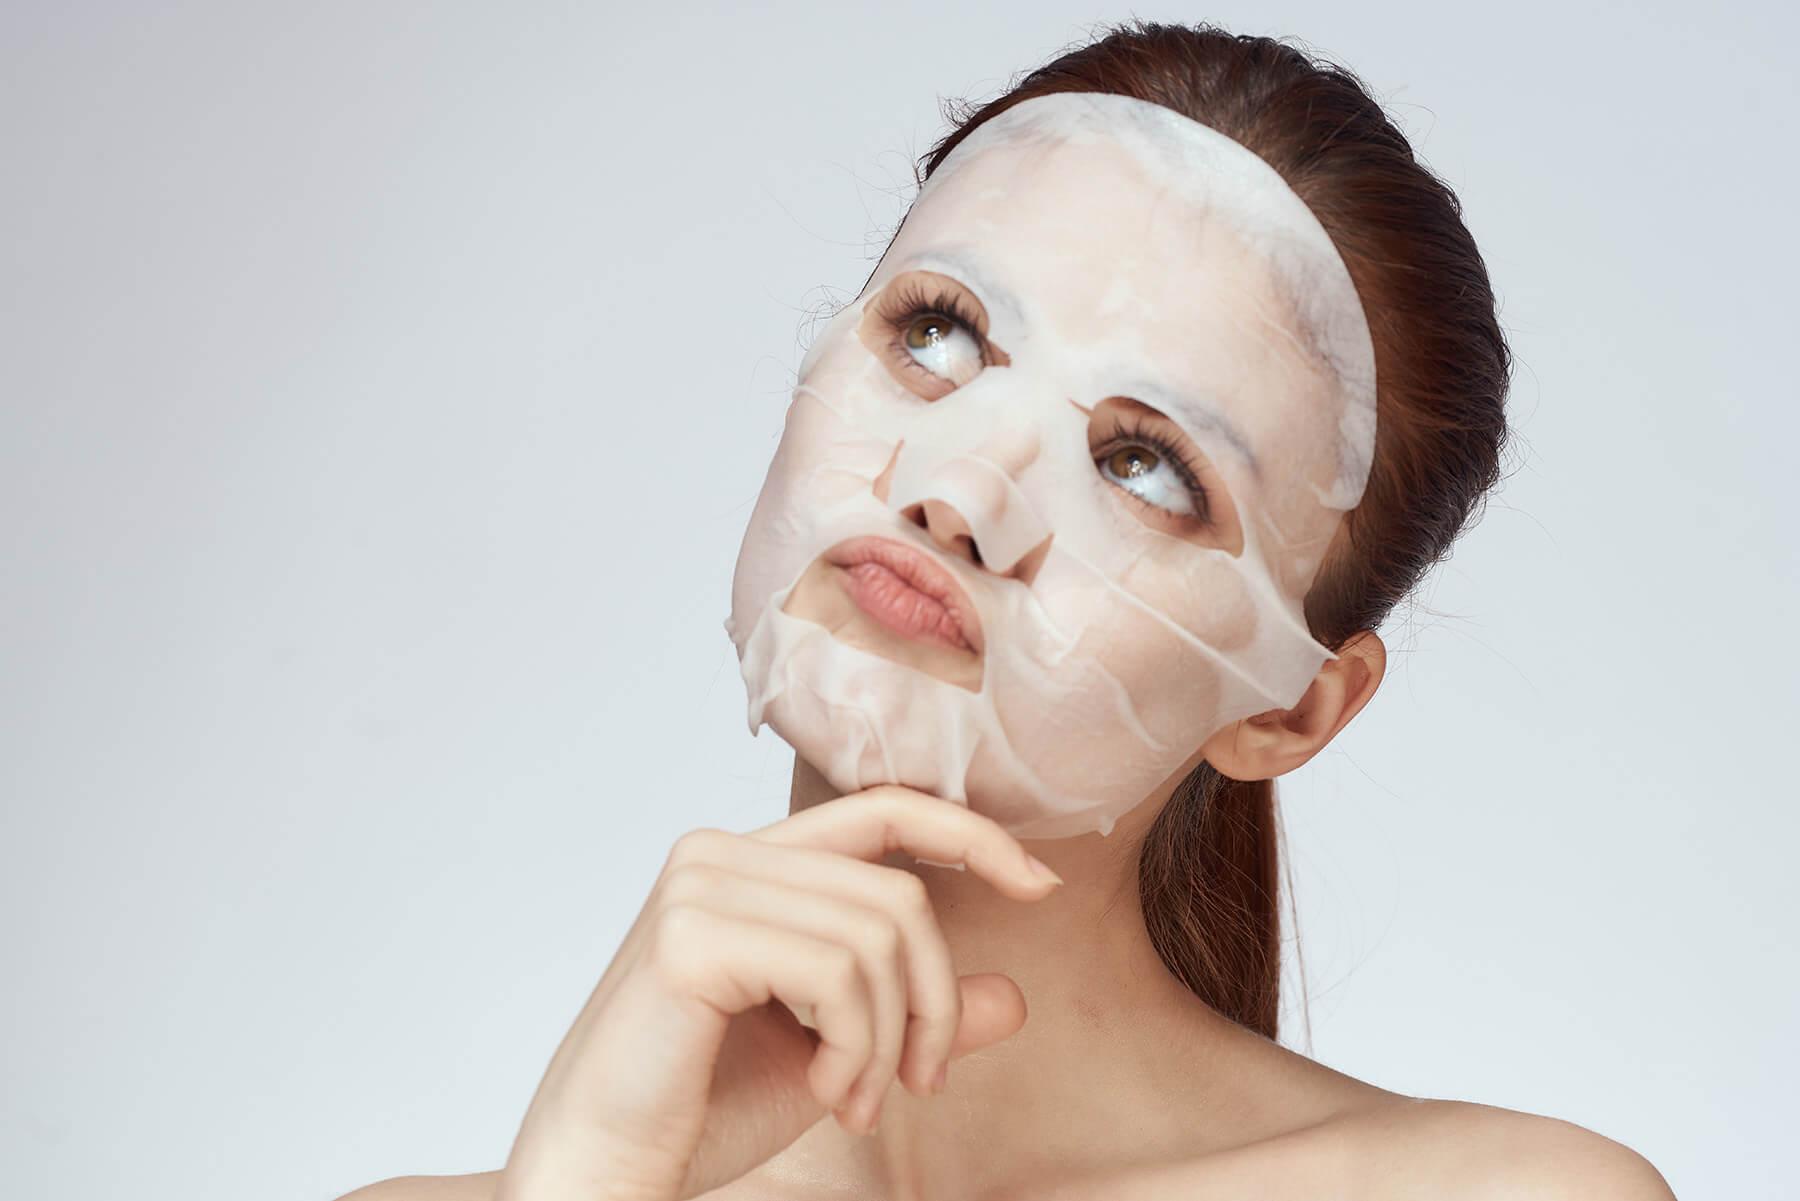 Young woman wearing a thin sheet mask